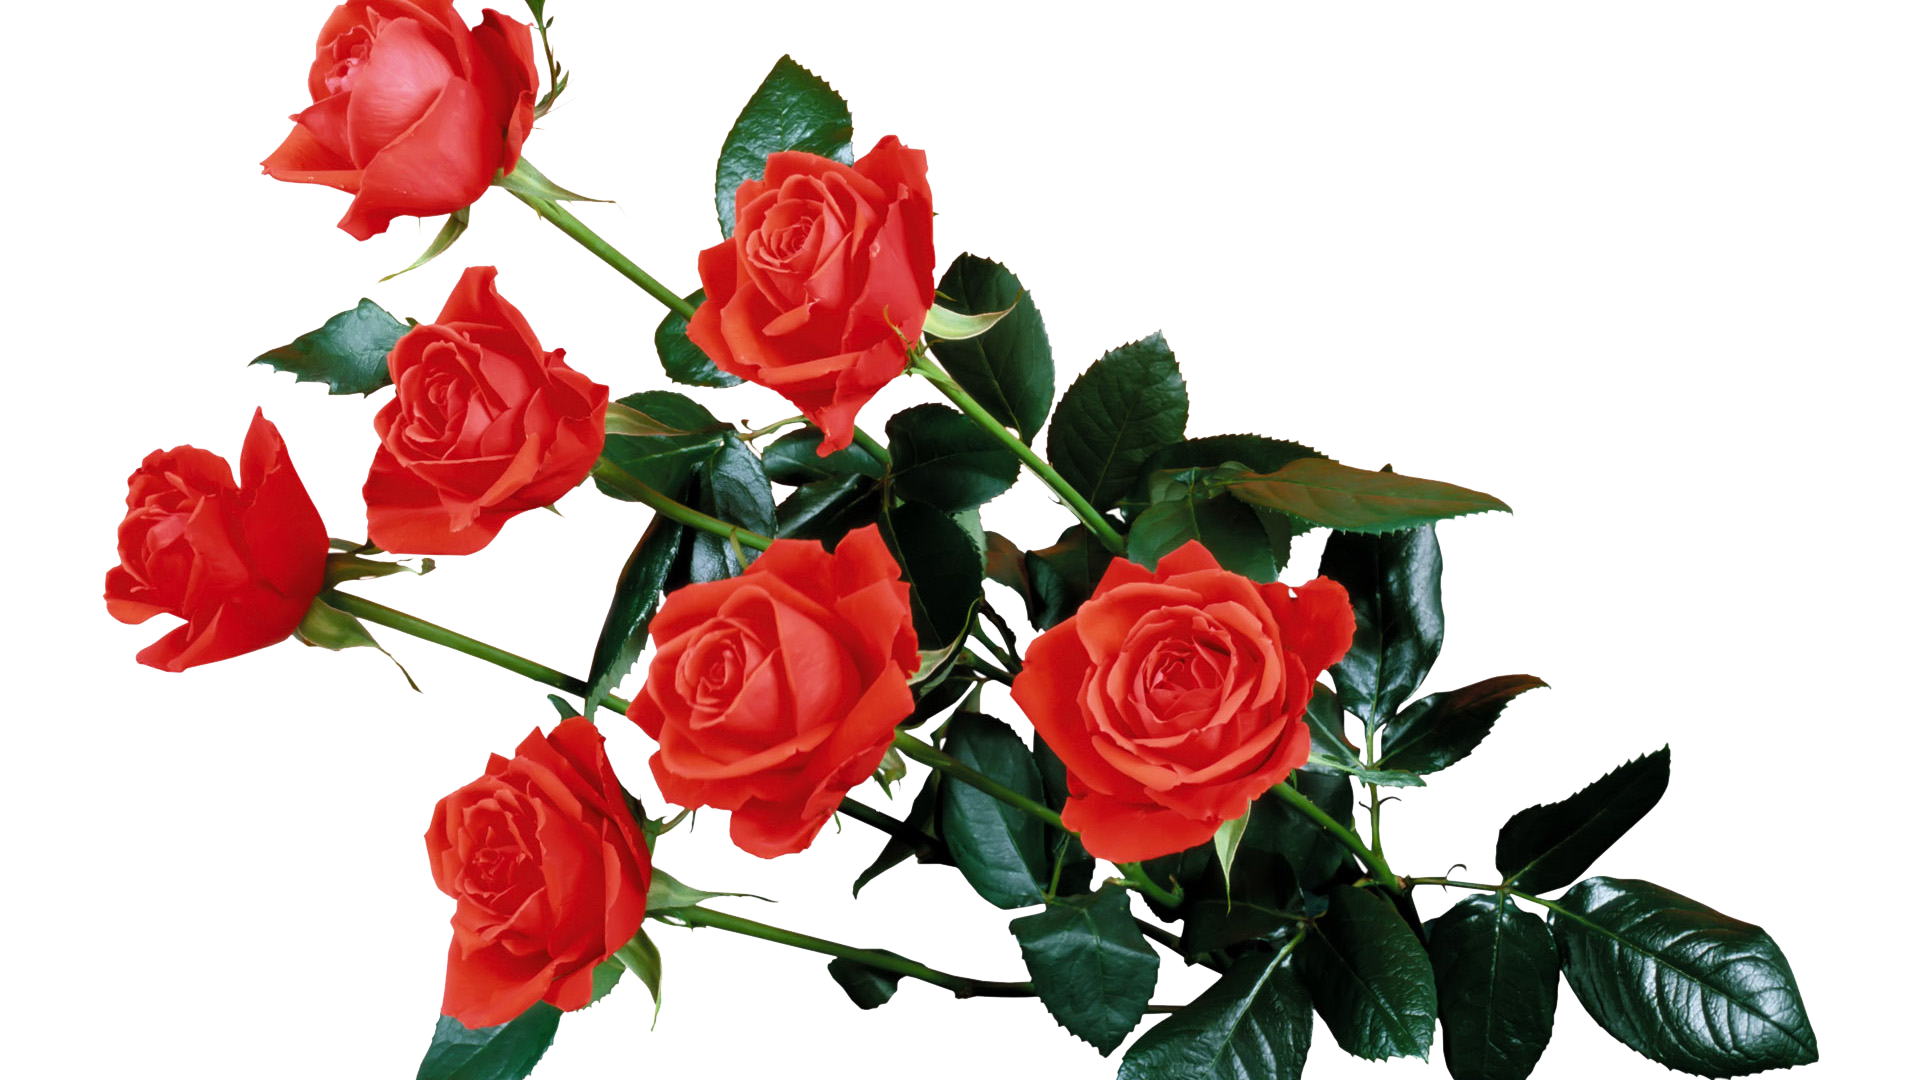 Открытки цветов для форума, открытки скрапбукинг улица